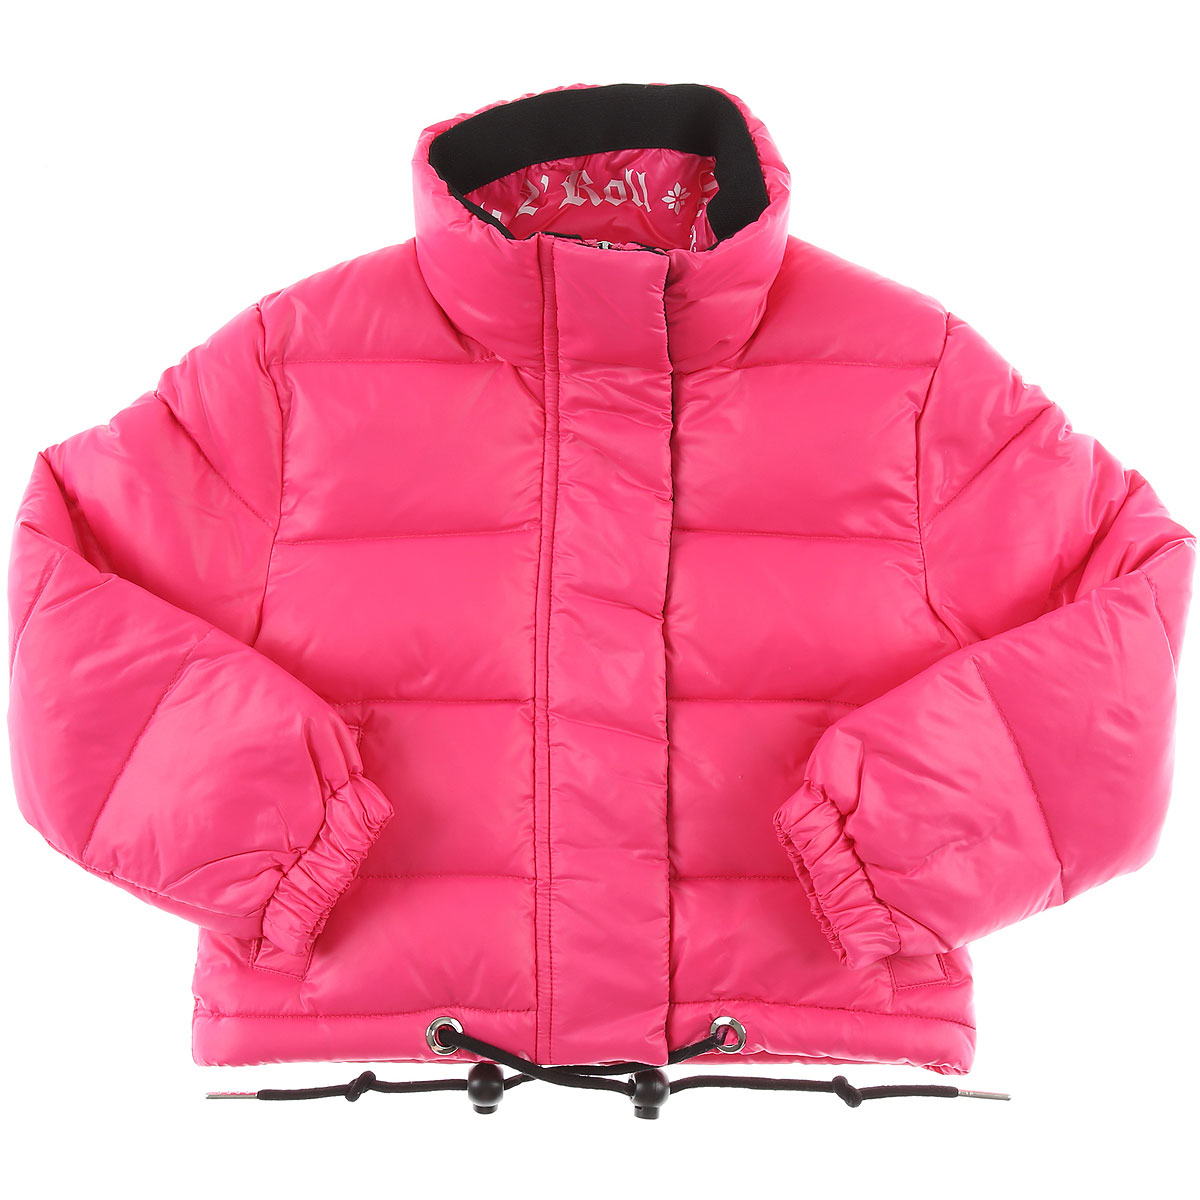 Image of John Richmond Girls Down Jacket for Kids, Puffer Ski Jacket, Fuchsia, polyamide, 2017, 10Y 14Y 16Y 2Y 4Y 6Y 8Y